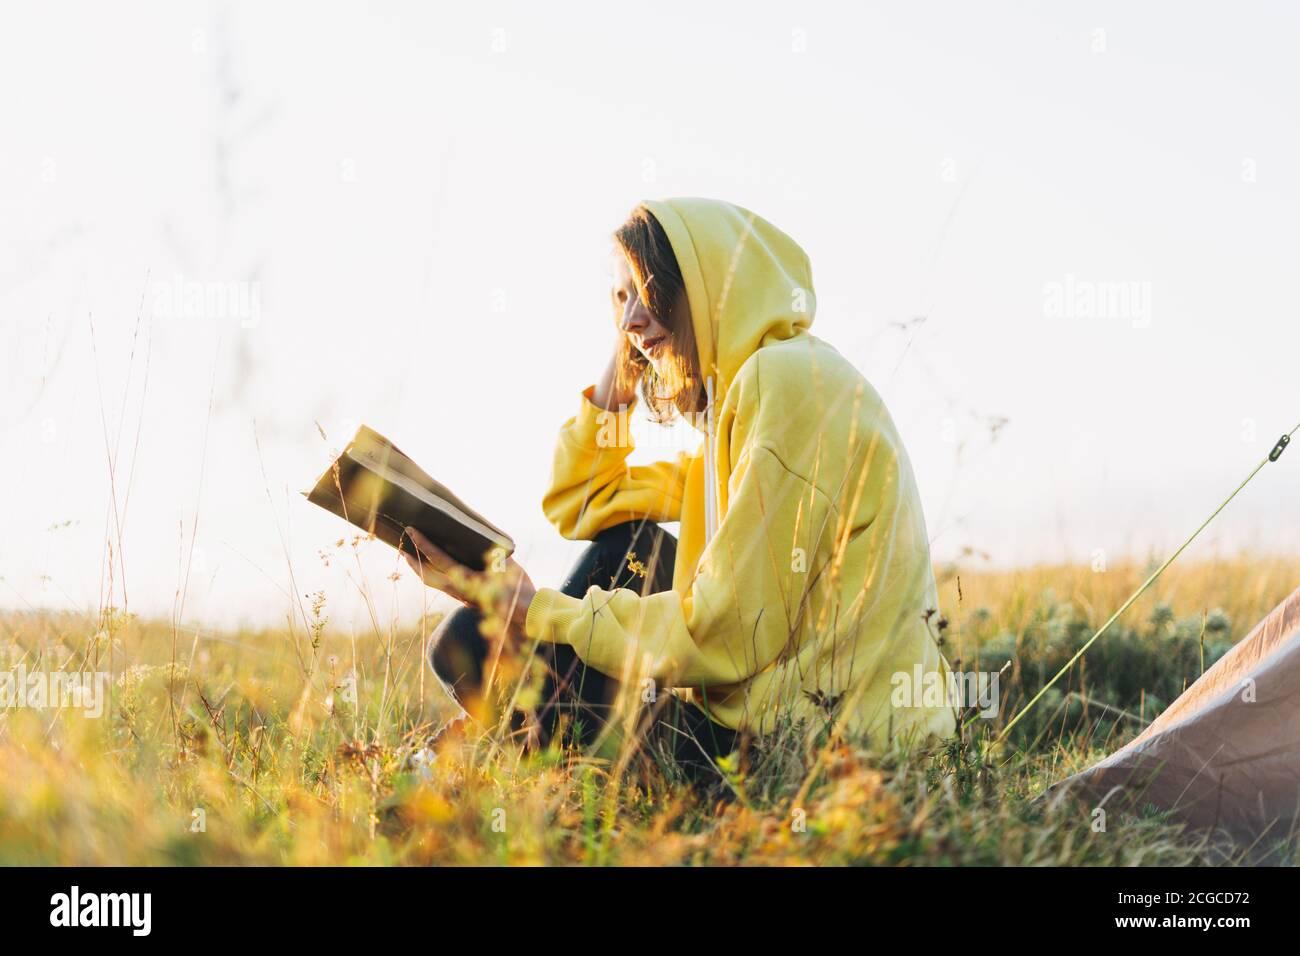 Jeune femme voyageur à capuchon jaune lisant le livre contre la tente. Tourisme local, week-end Banque D'Images